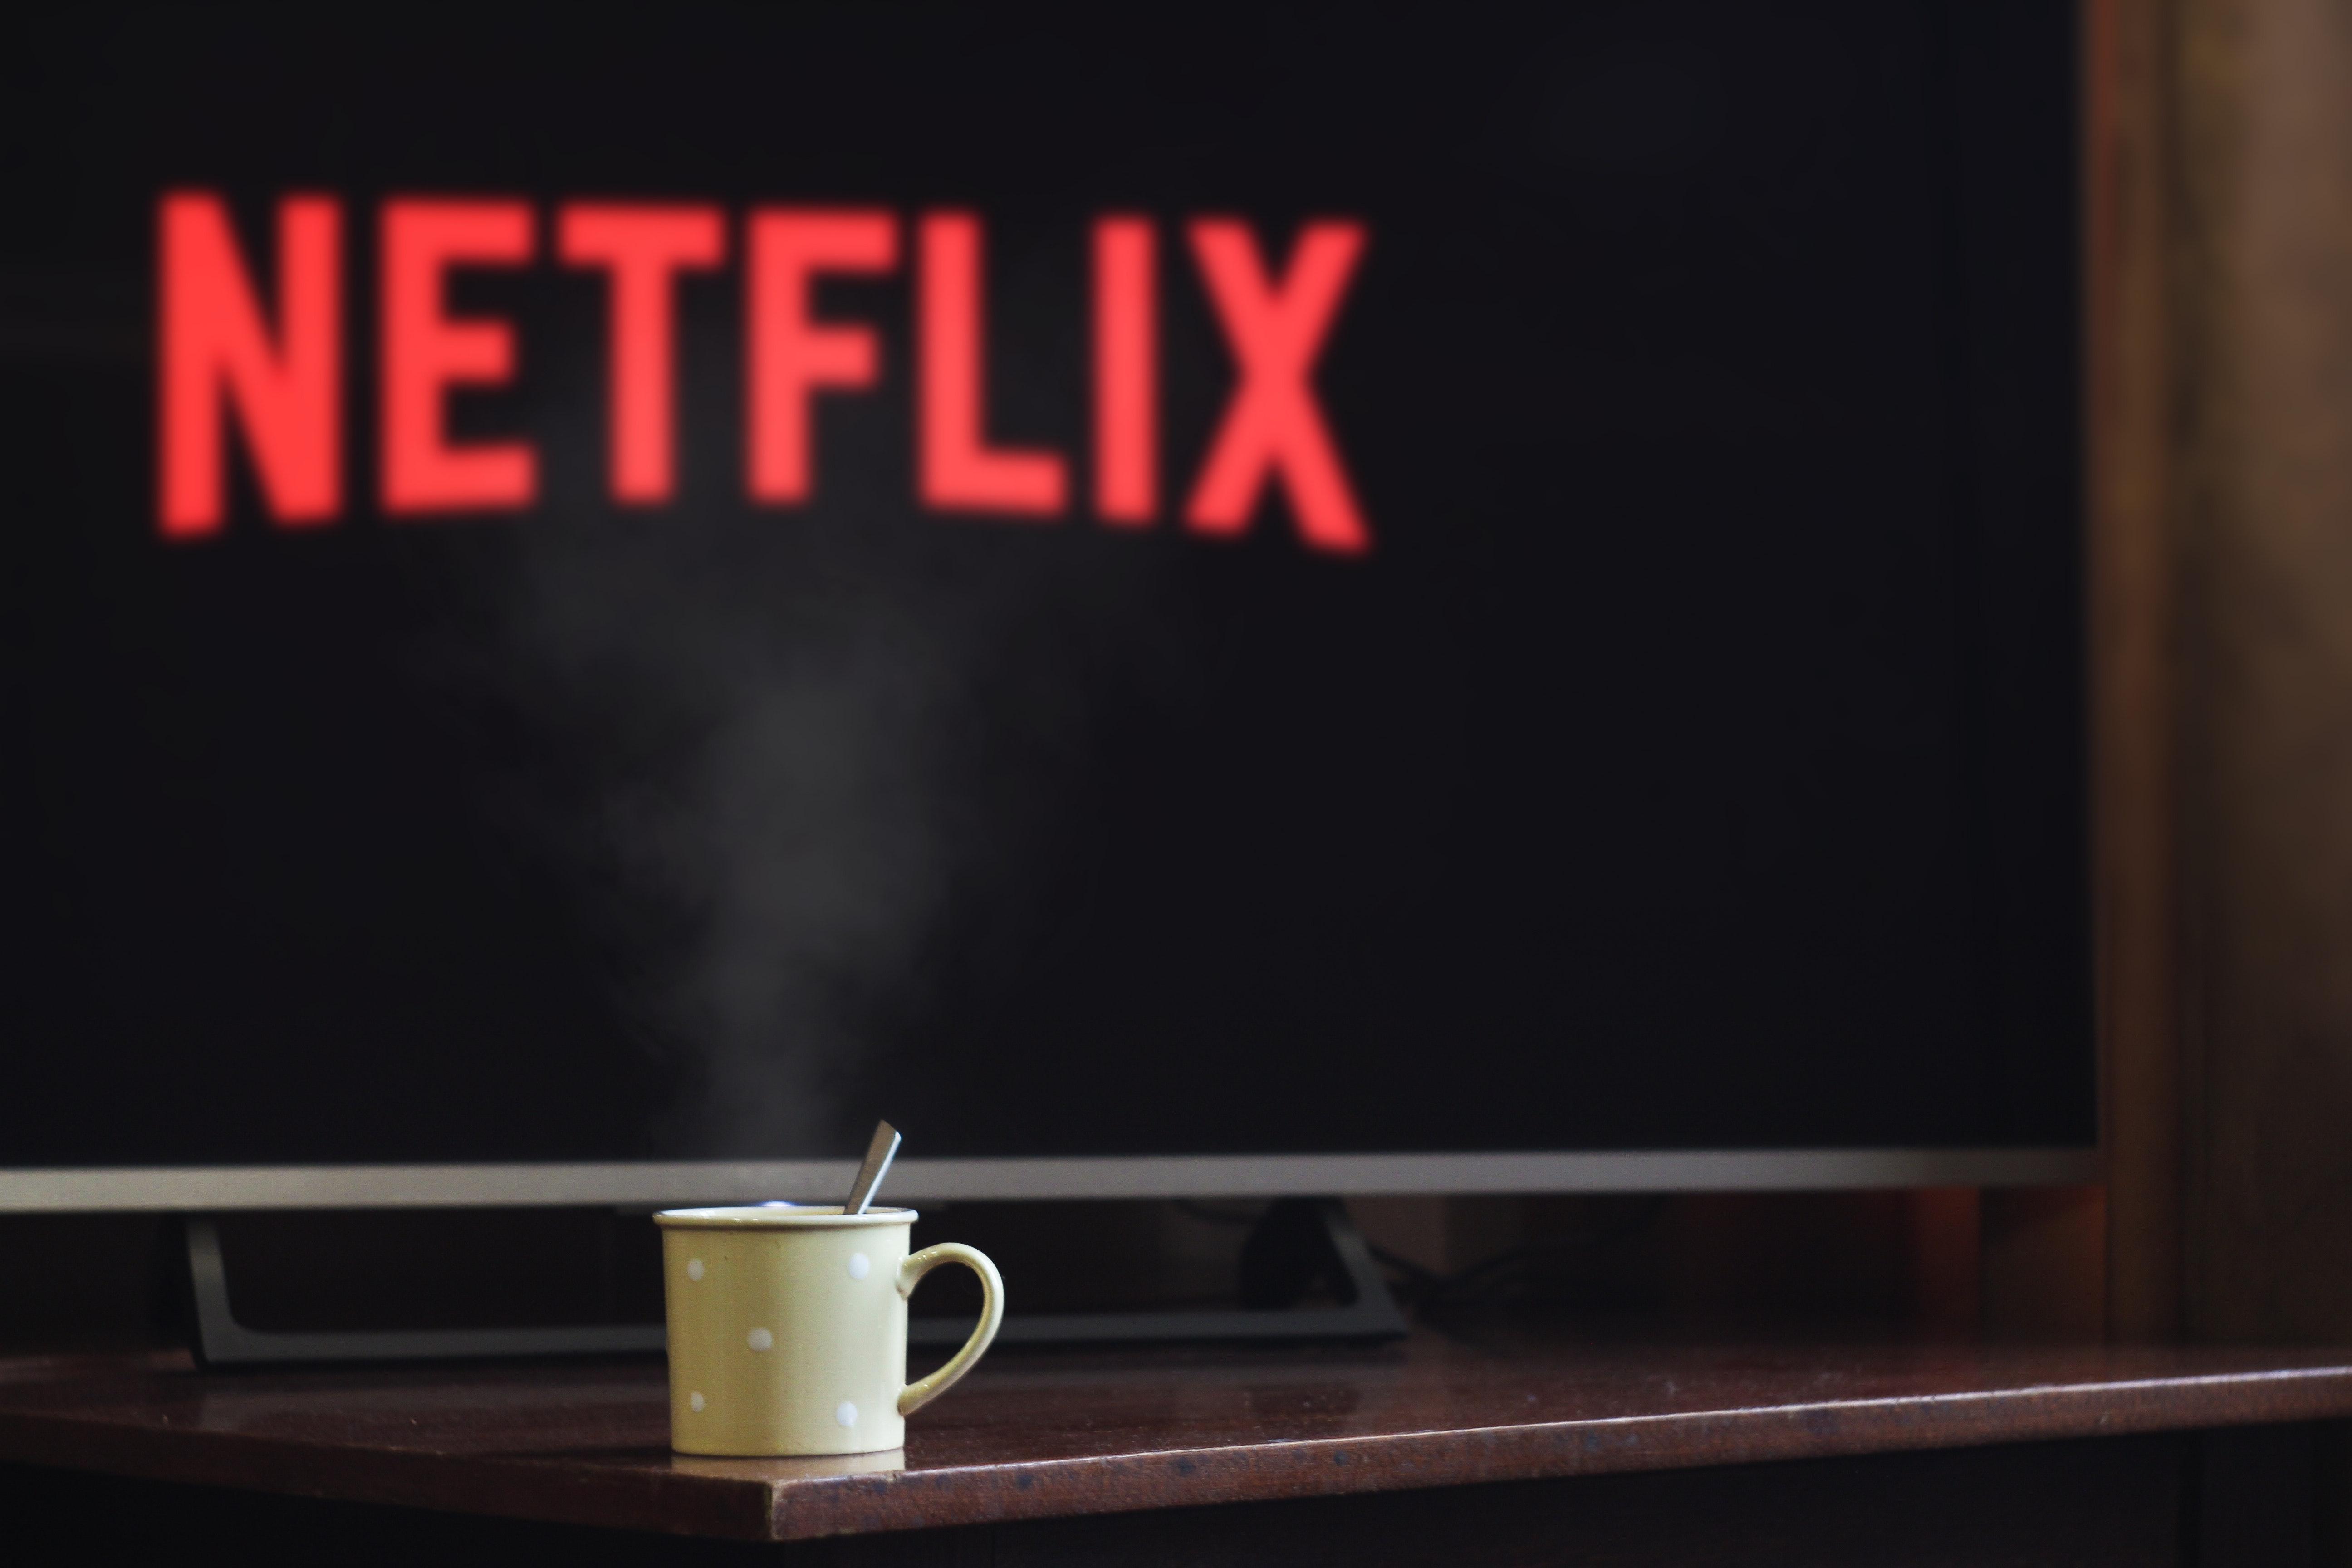 Netflix on TV with a coffee mug